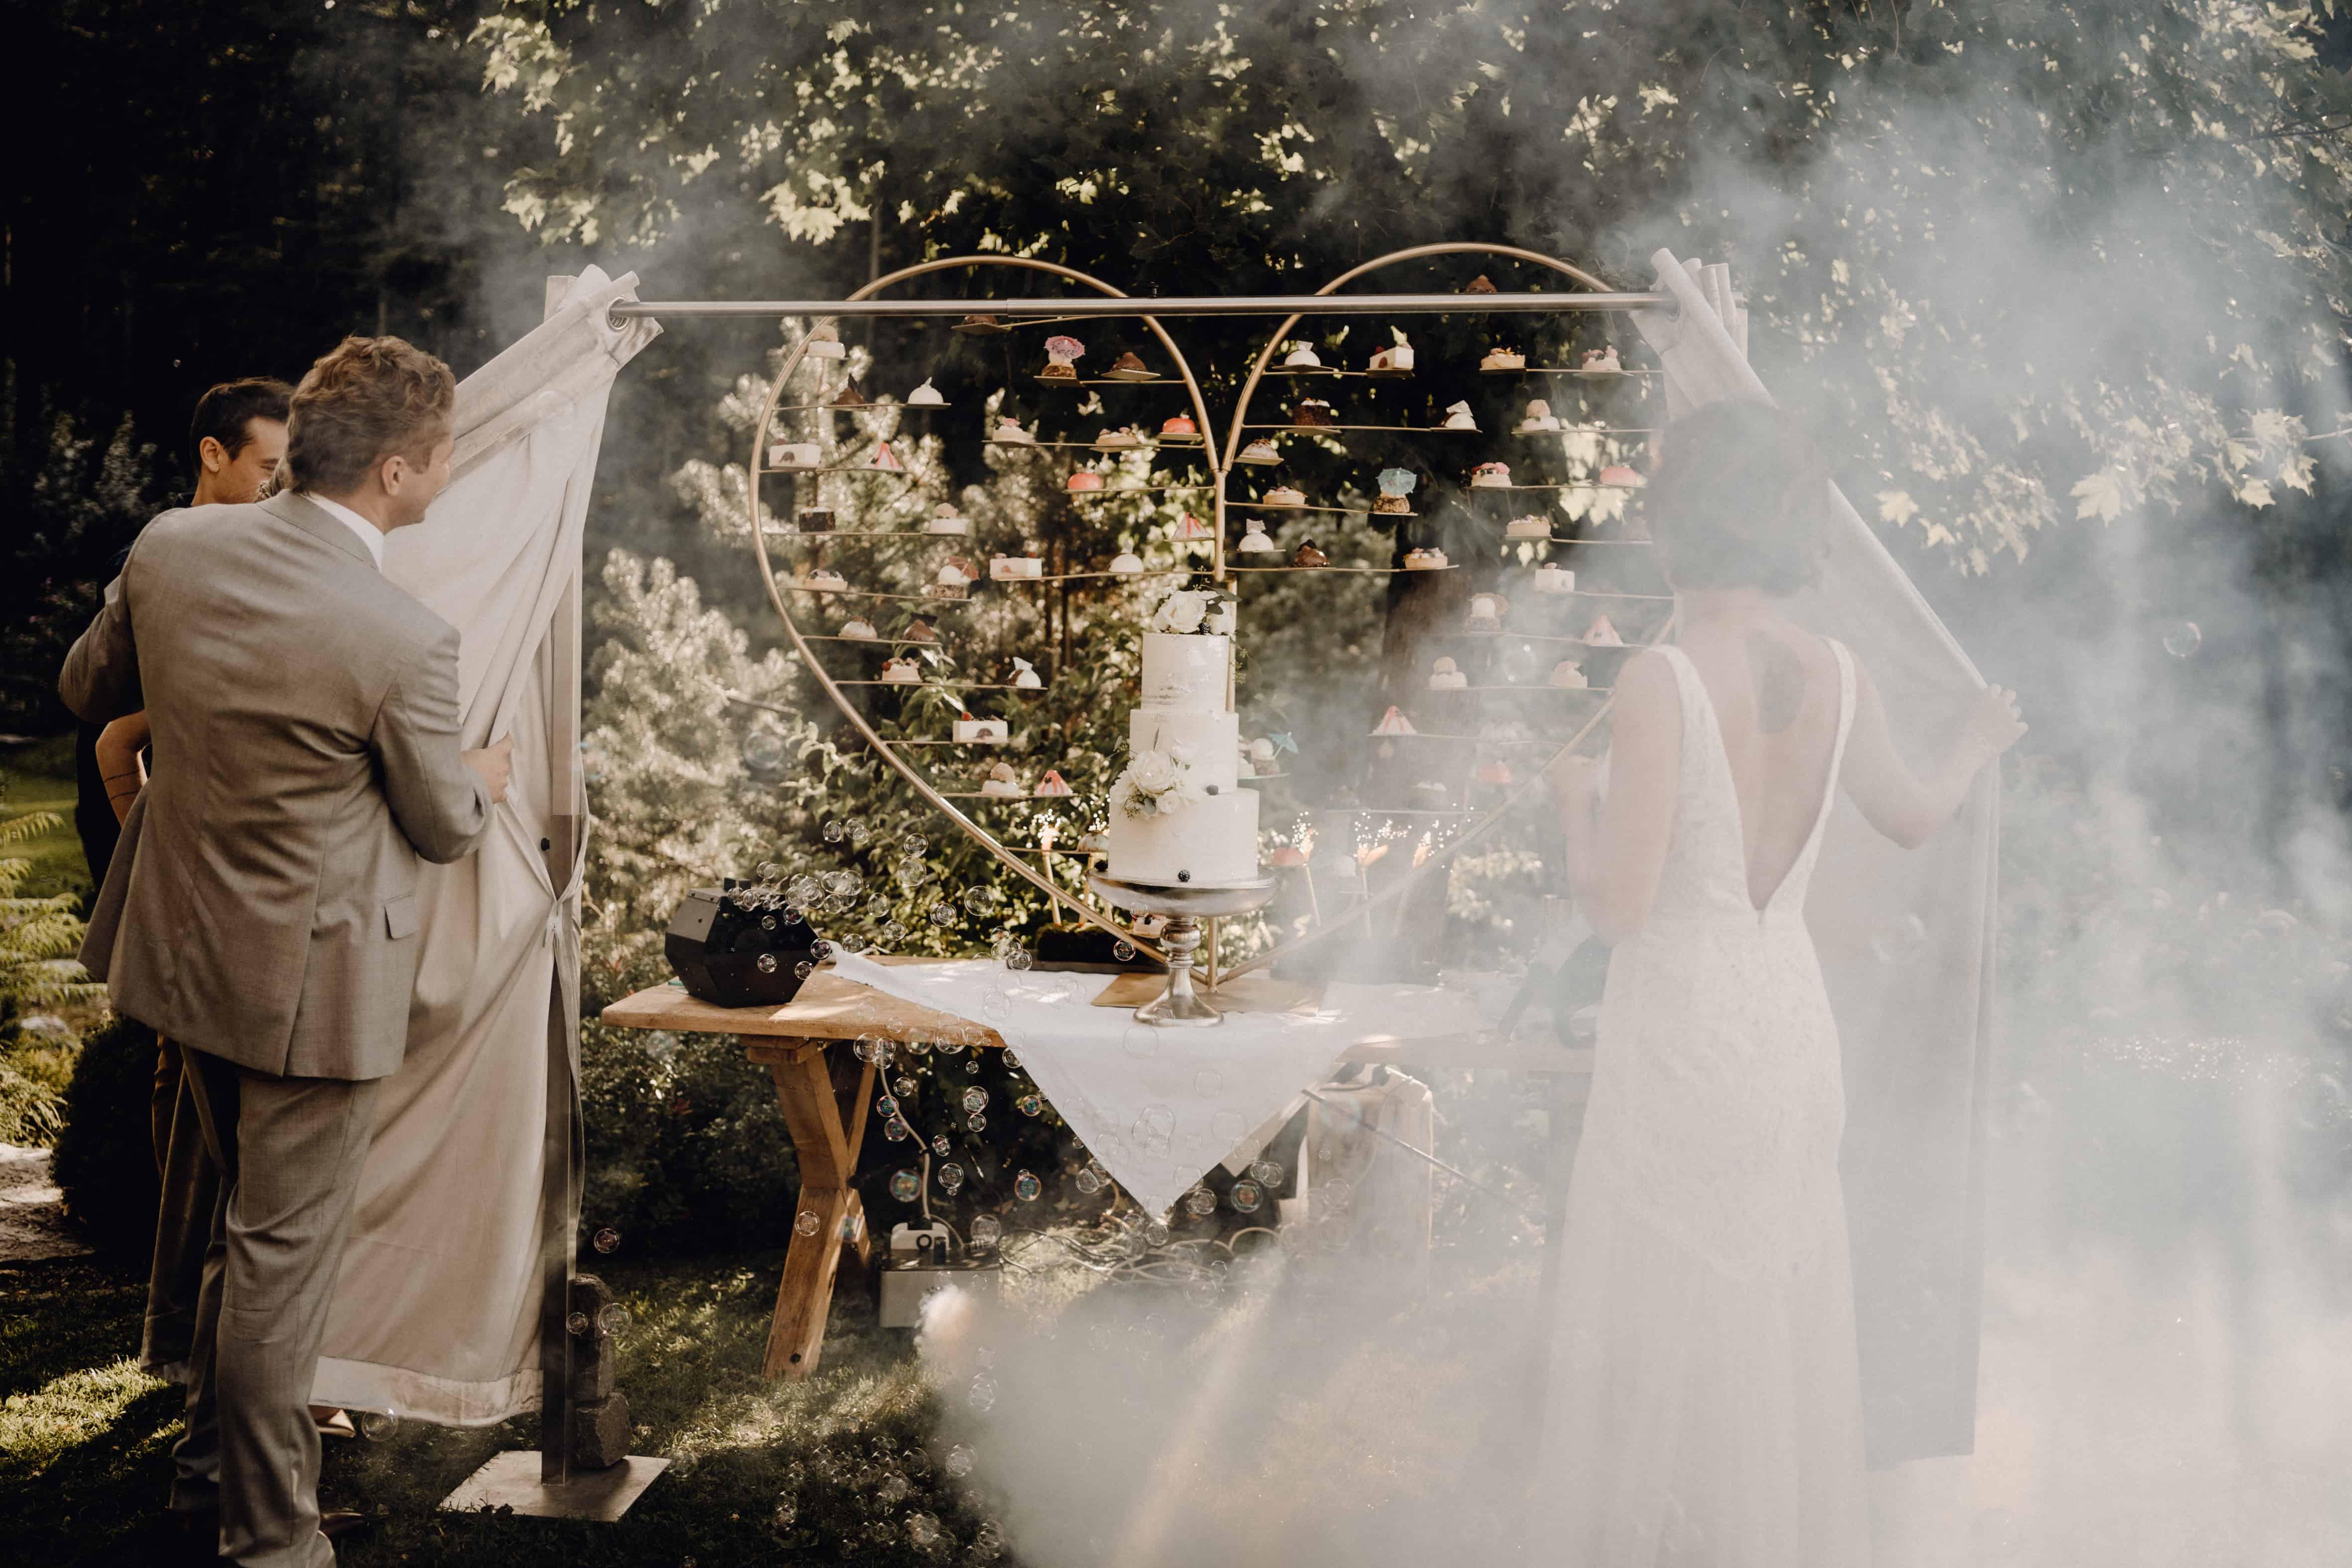 Überraschung für das Brautpaar bei der Präsentation der Hochzeitstorte und vielen weiteren kleiner Törtchen, was für ein besonderer Sweet Table! Hochzeitsplanerin pure passion weddings by Anna Walch